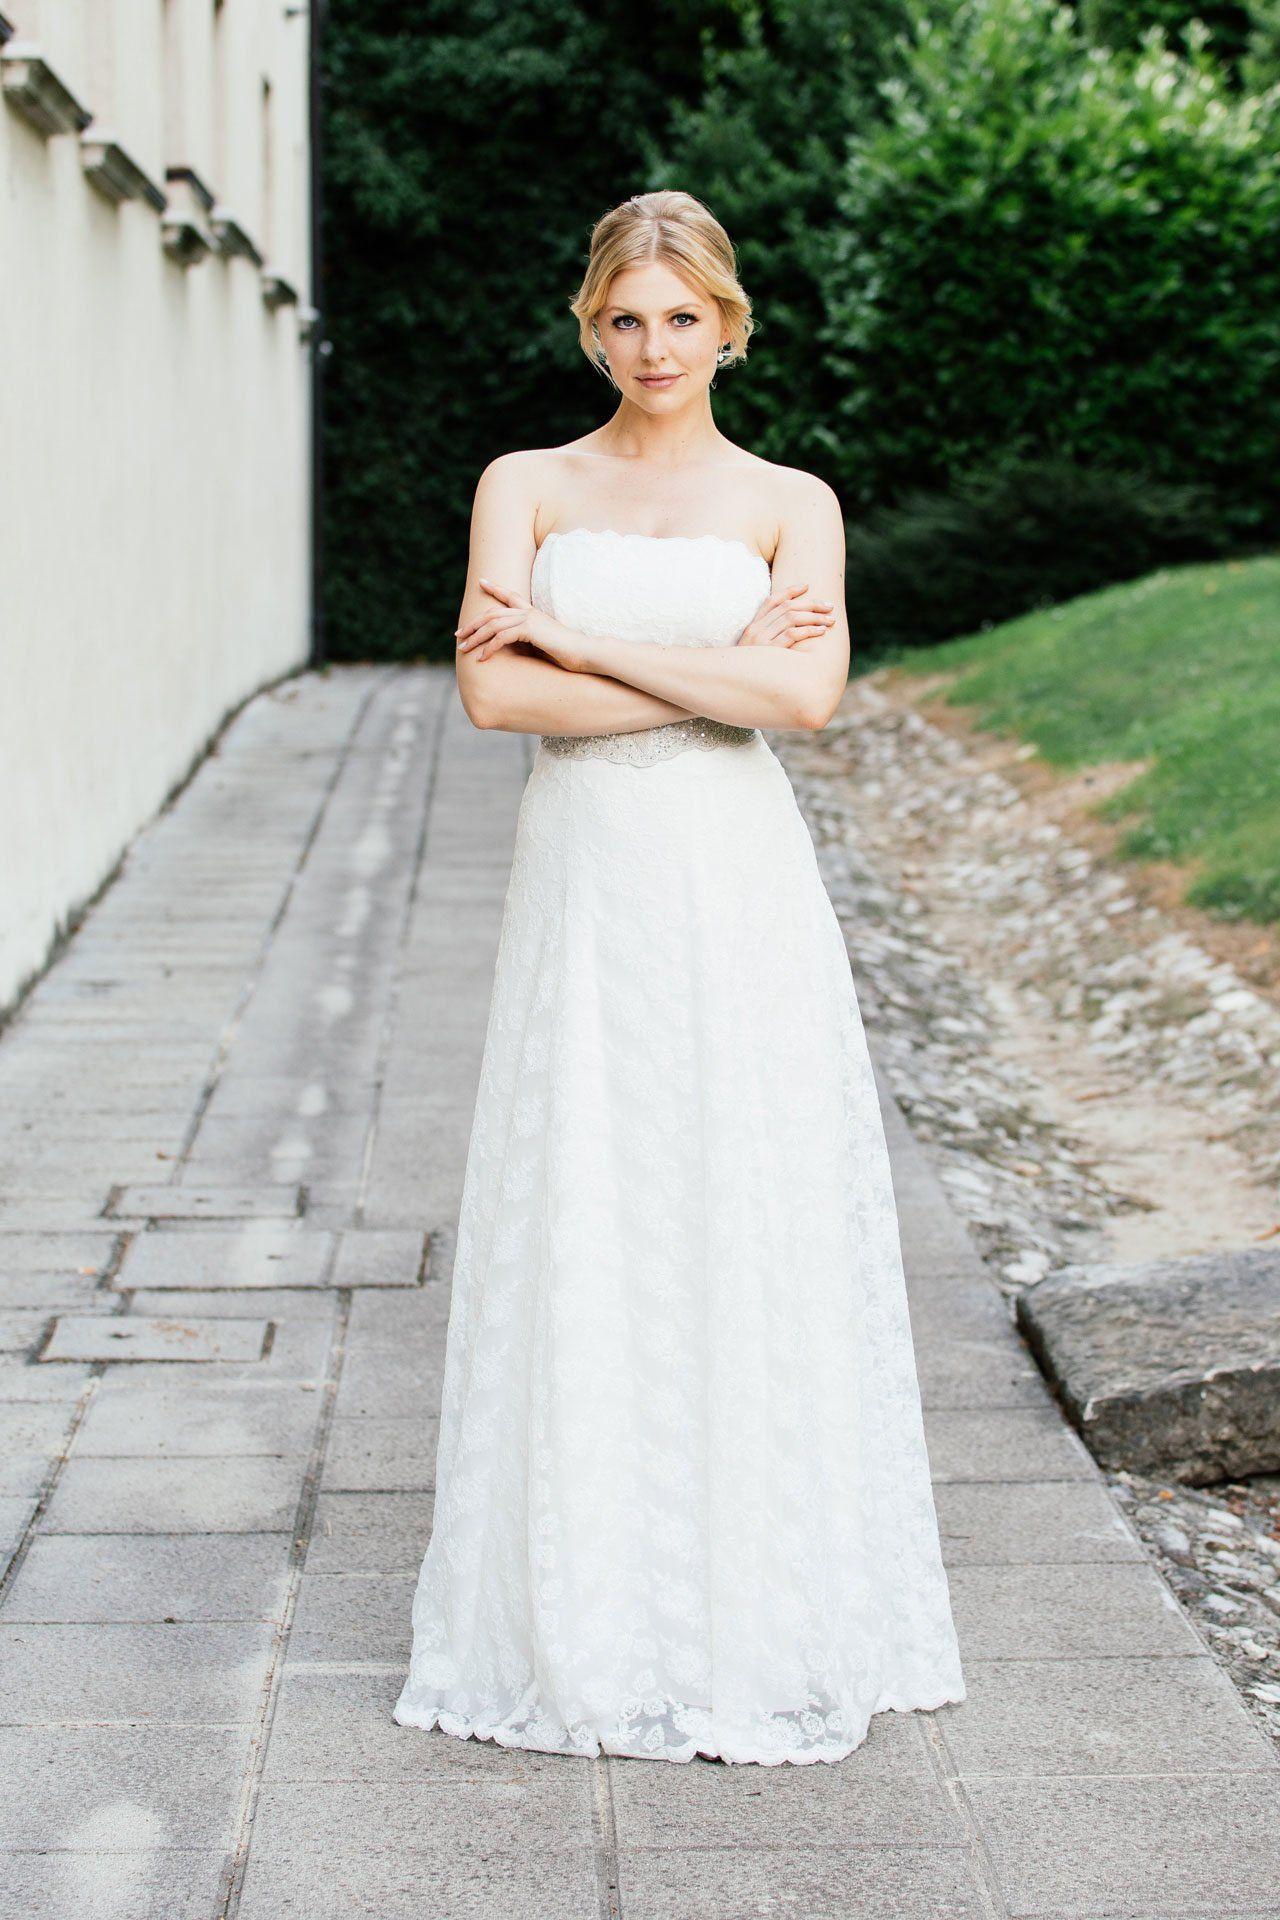 Brautkleid schulterfrei – Spitzenkleid in schmaler A-Form – Käthe ...